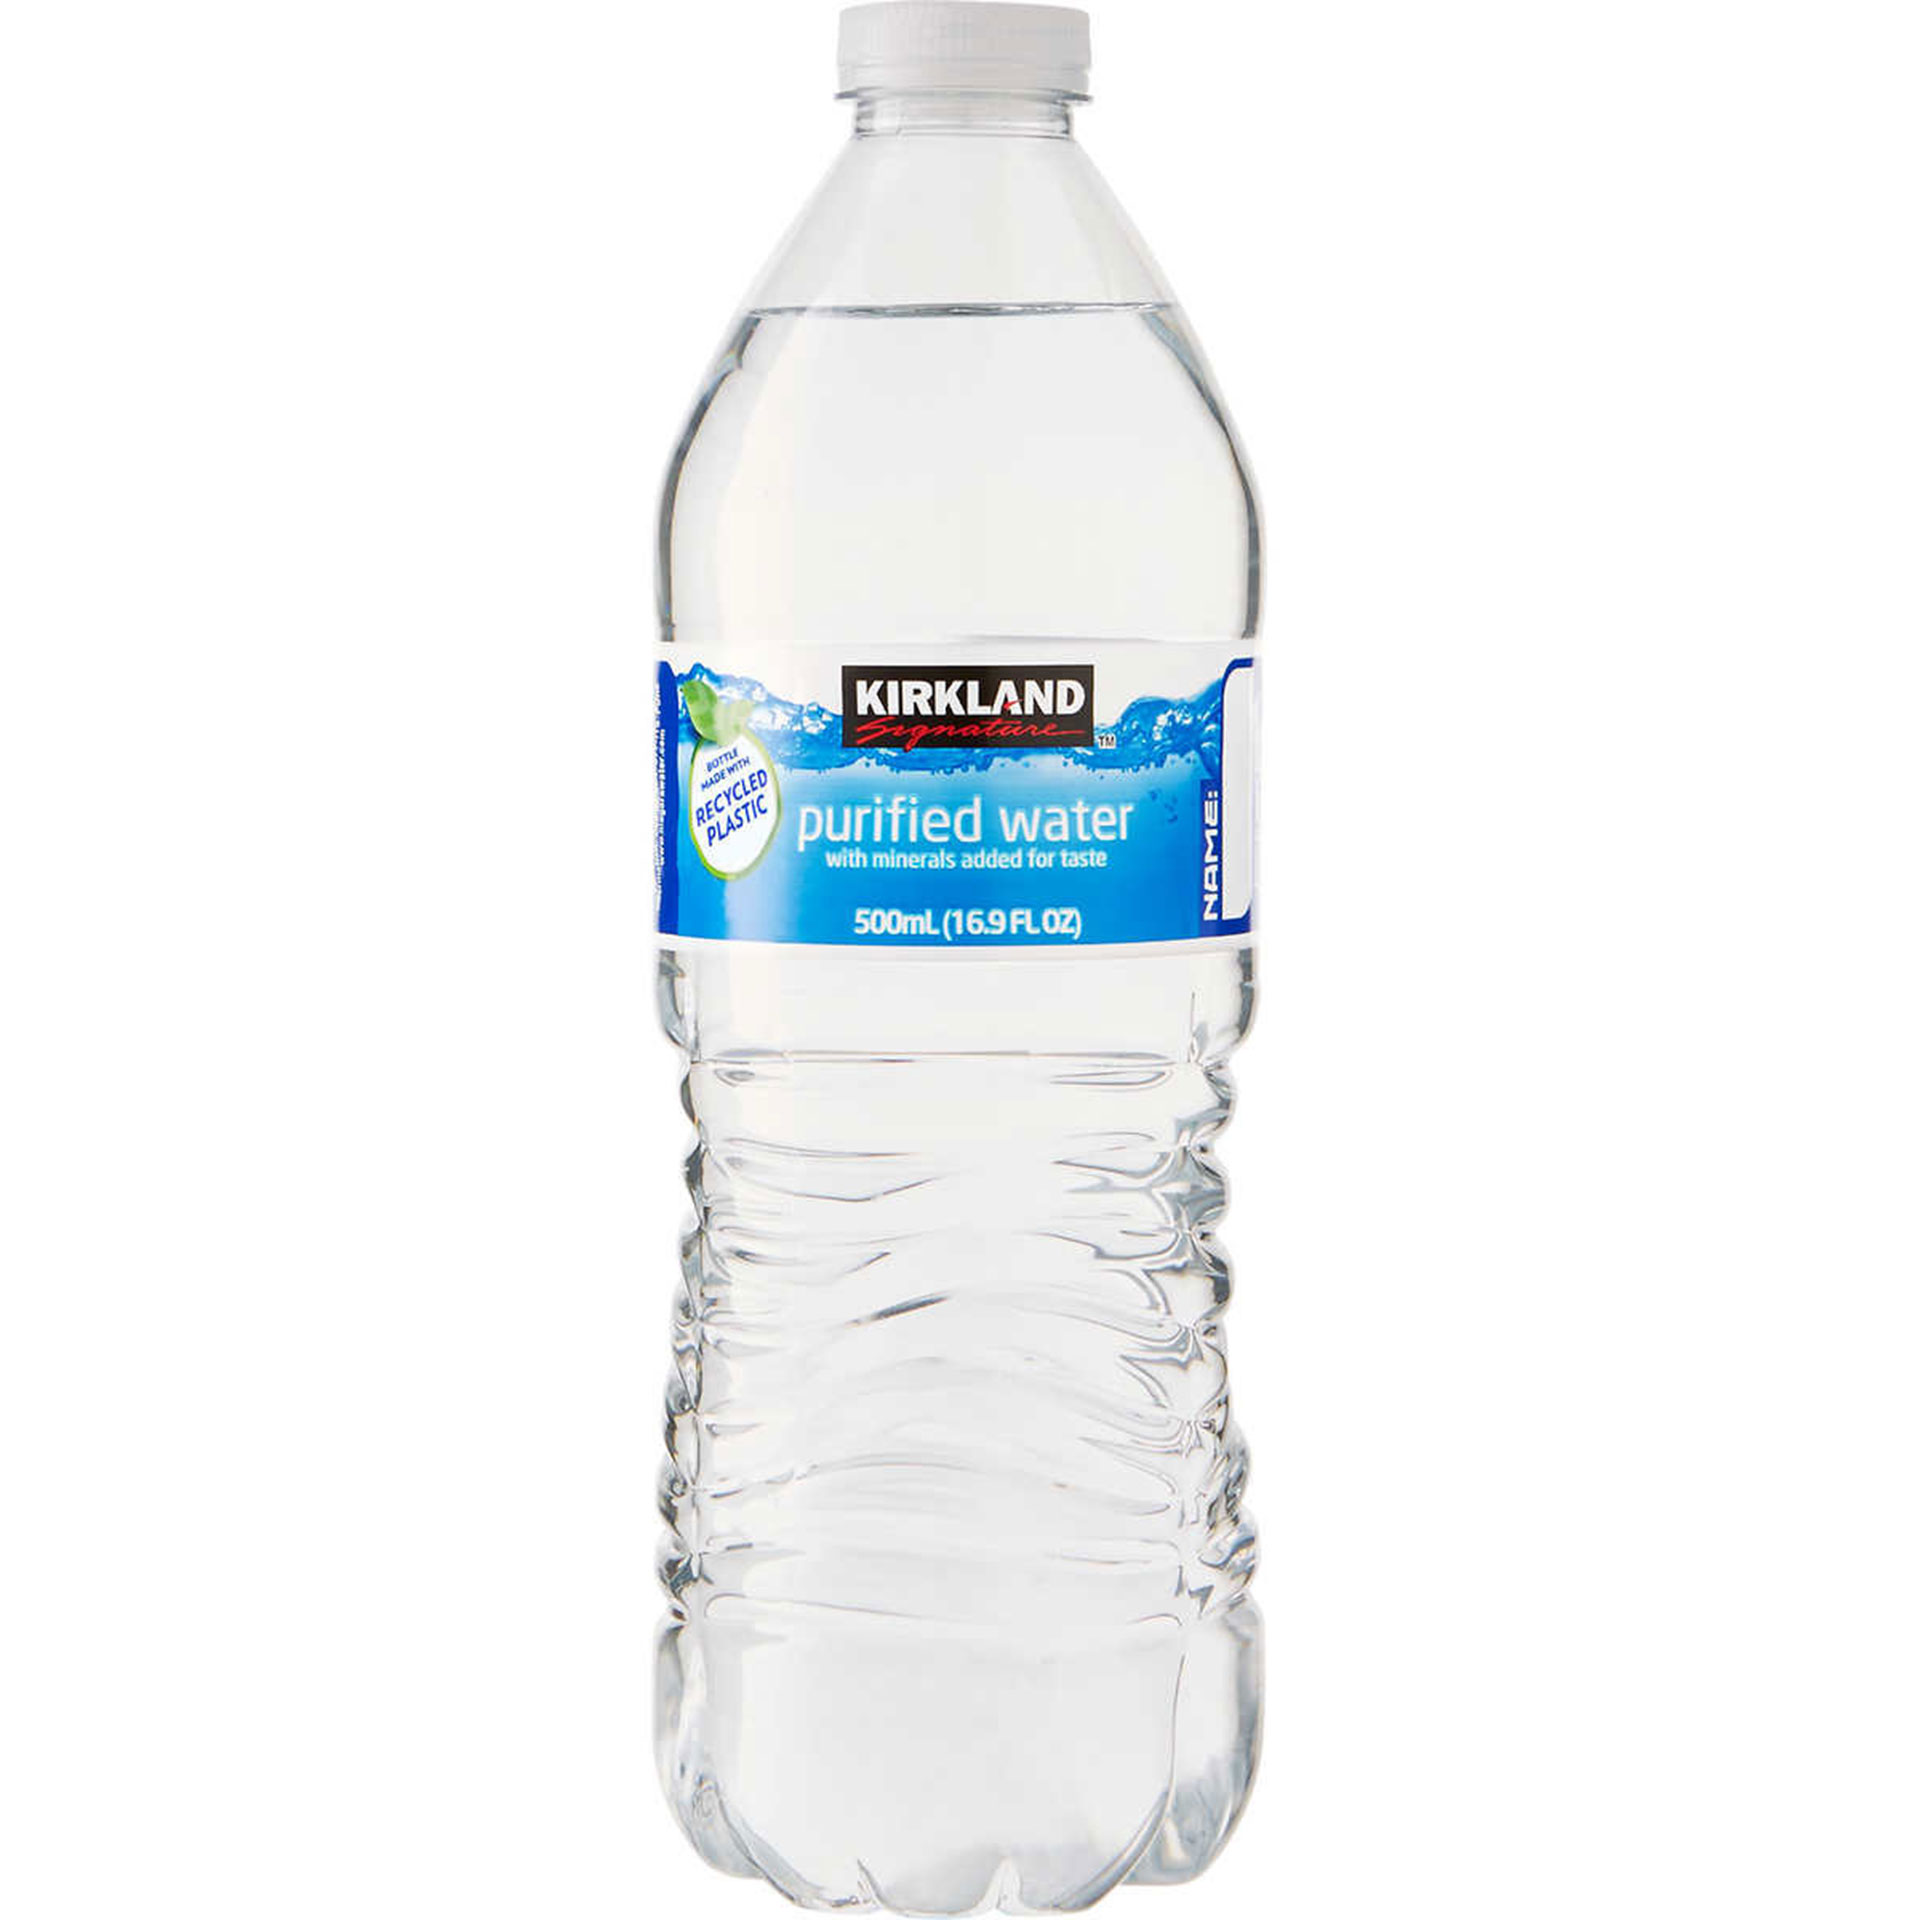 kirkland-water-40-1